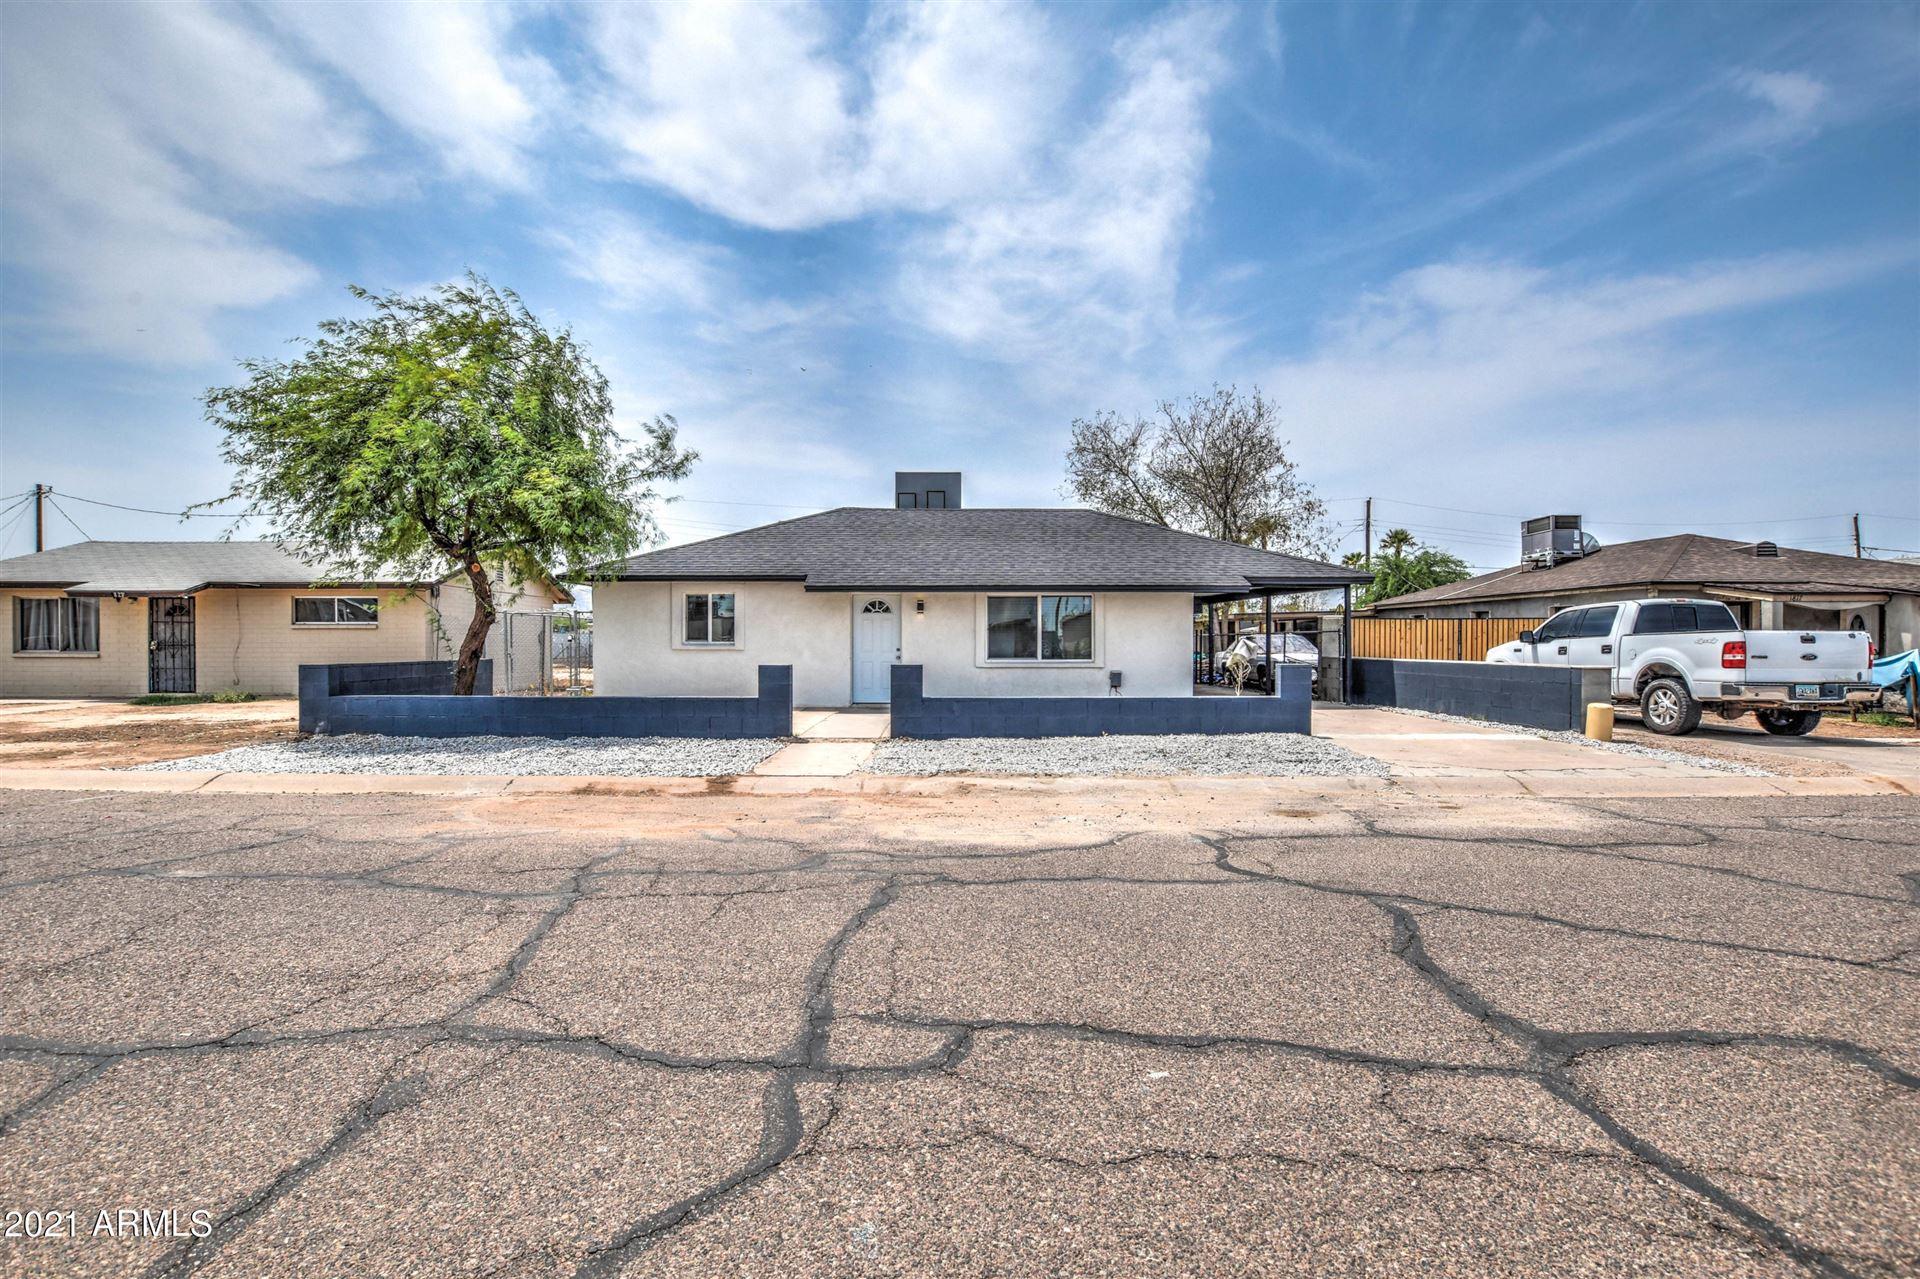 1823 E WOOD Street, Phoenix, AZ 85040 - MLS#: 6259148